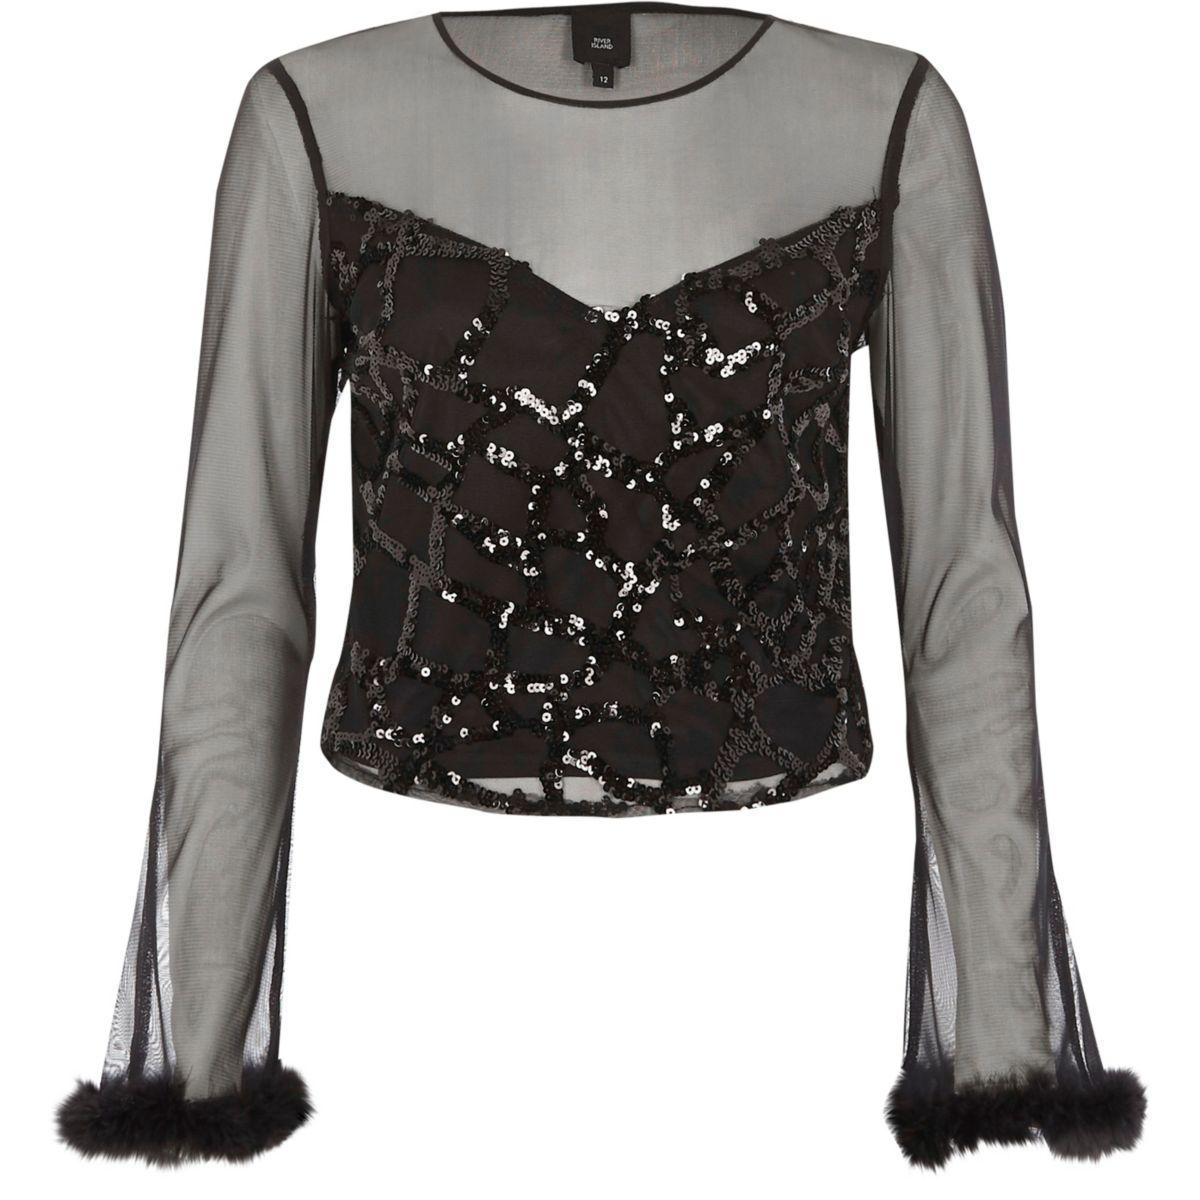 Zwarte top met lange mouwen, mesh en pailletten